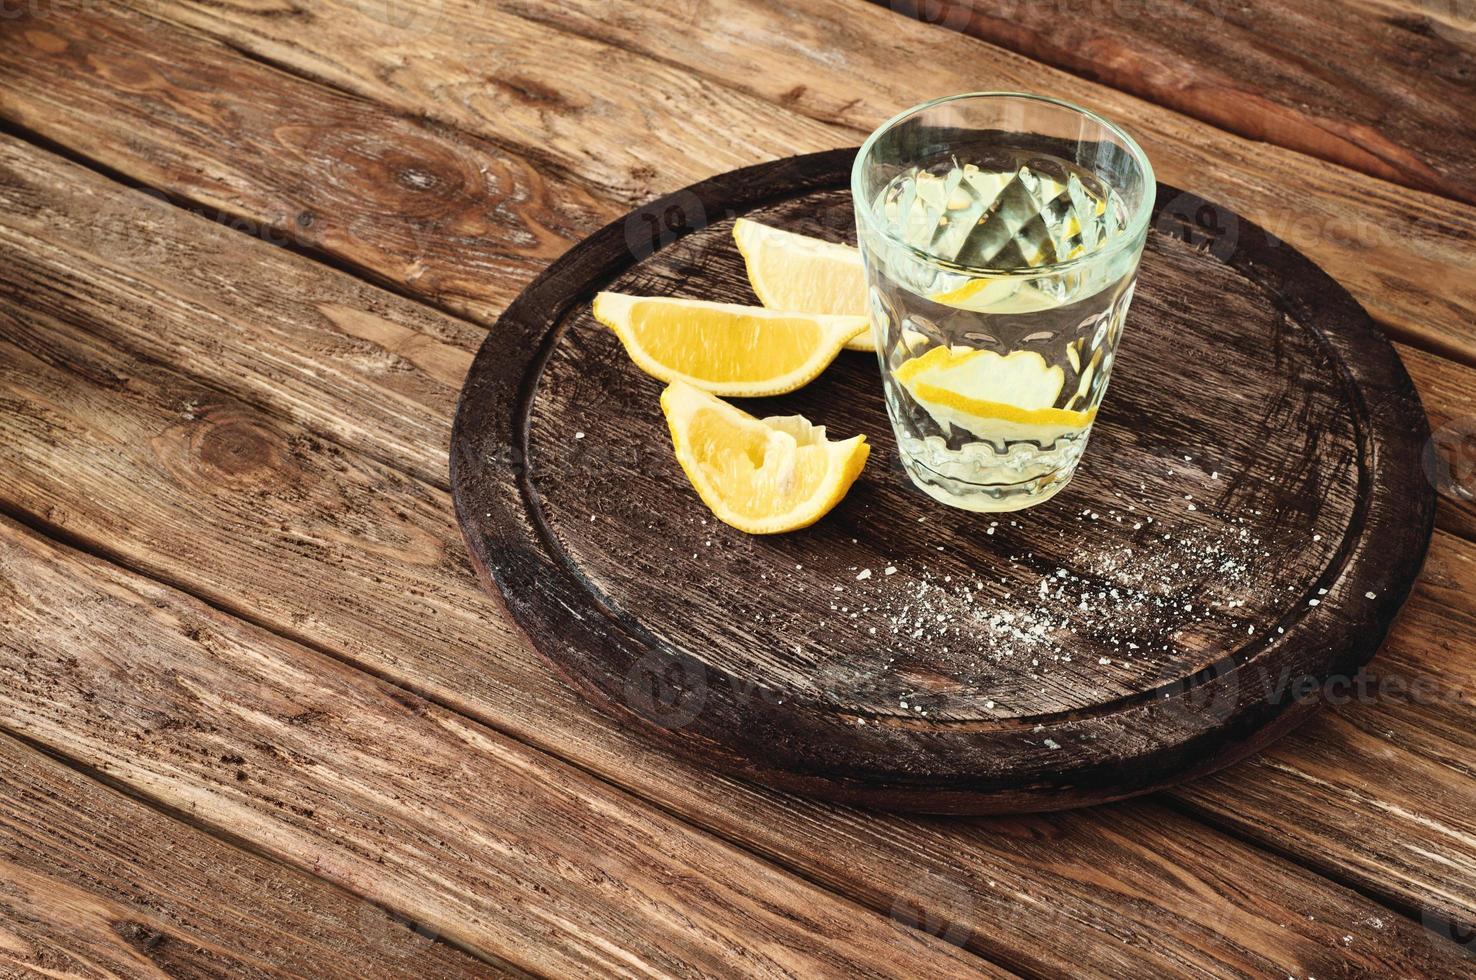 glas tequila met plakjes citroen op een houten achtergrond foto